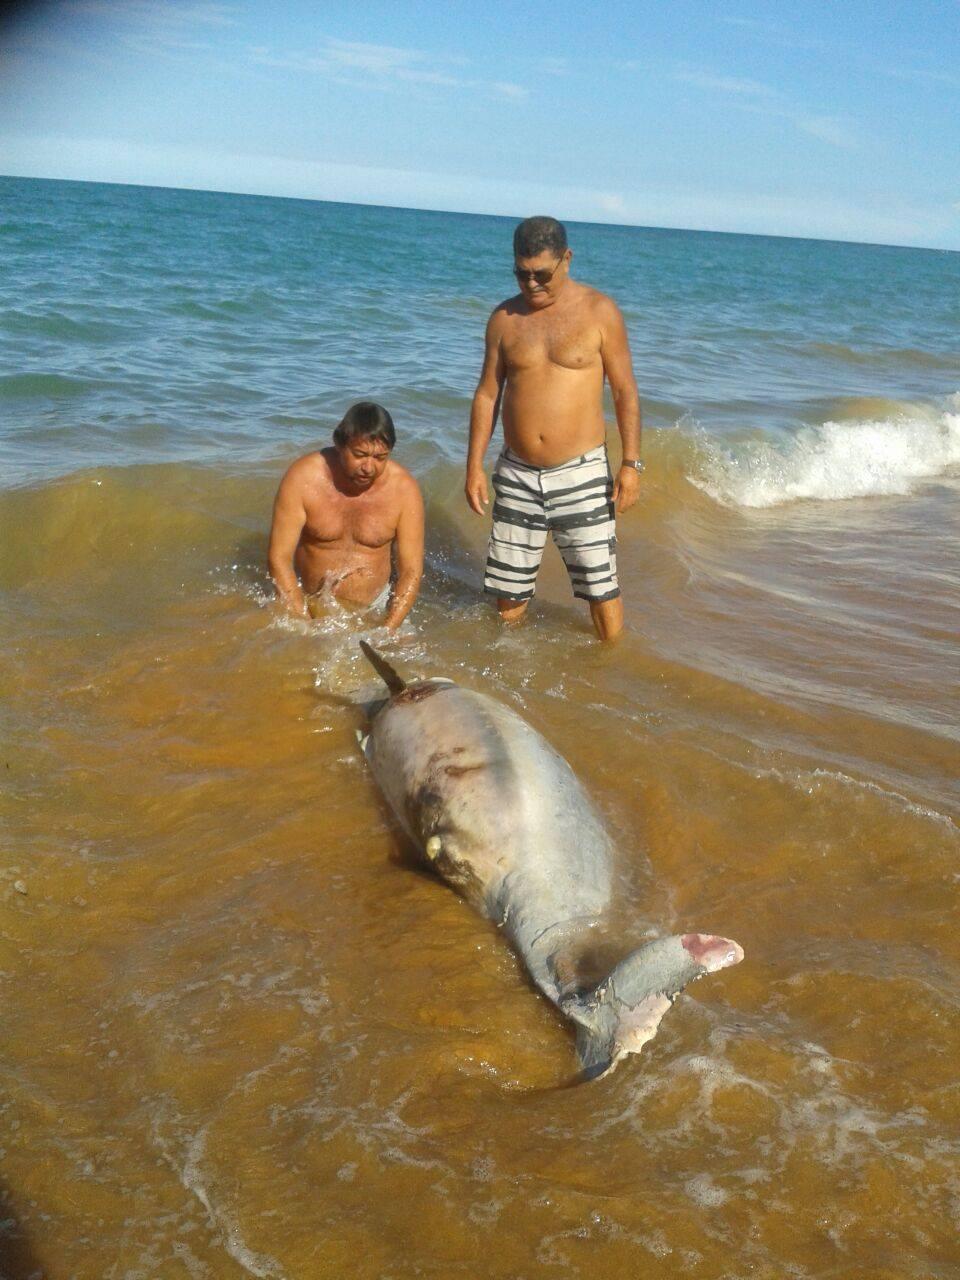 Golfinho é encontrado morto em praia do litoral de Aracruz | Folha ...